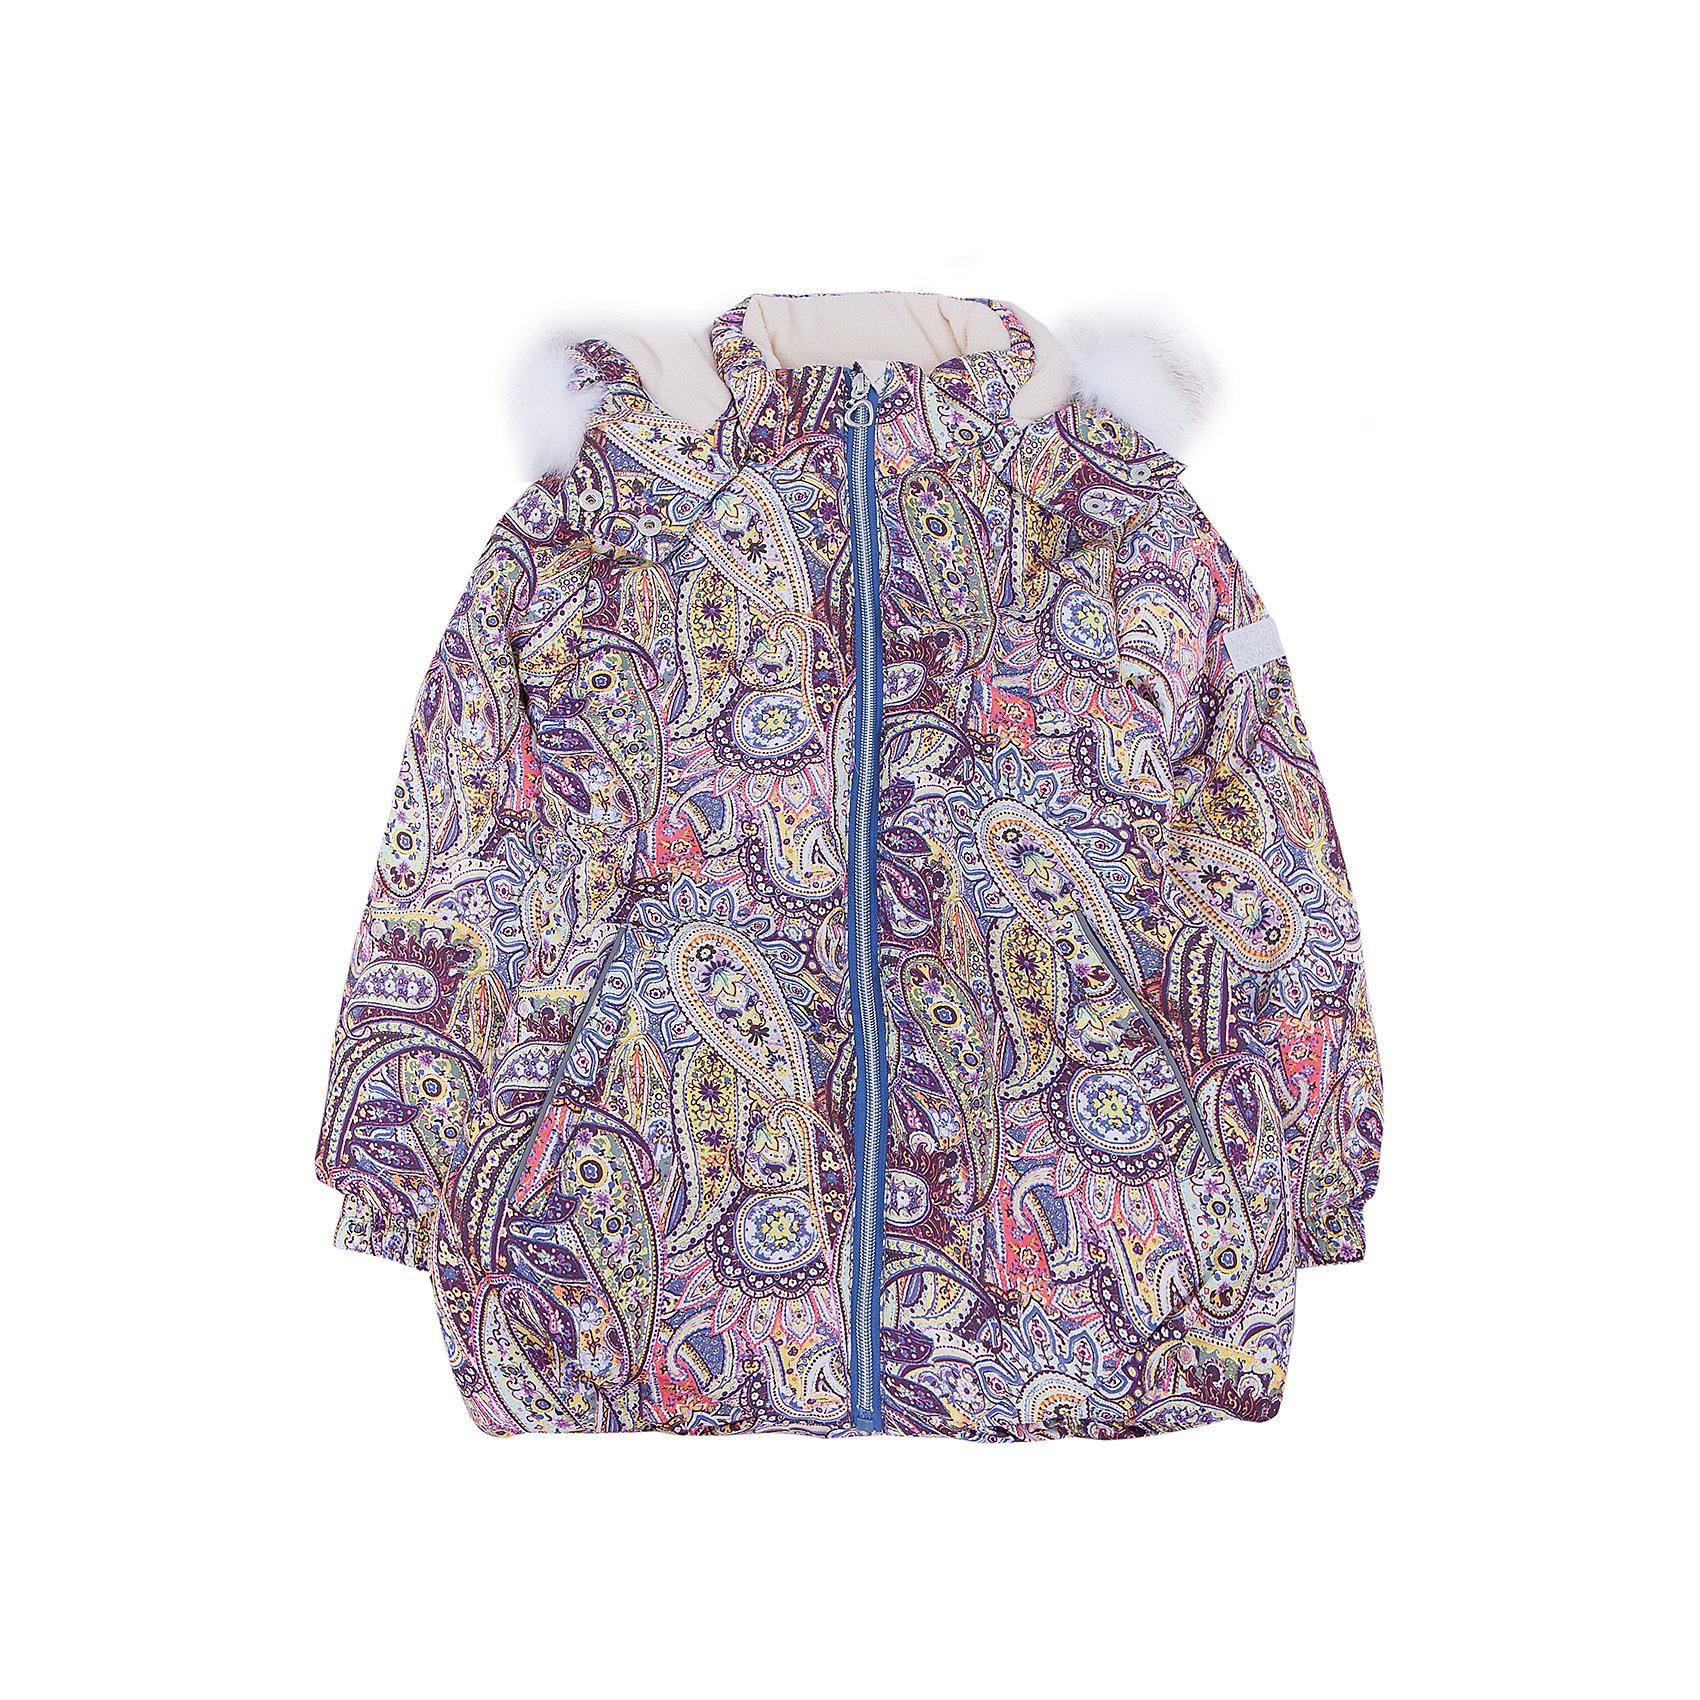 Куртка для девочки SELAВерхняя одежда<br>Такая стильная утепленная куртка - незаменимая вещь в прохладное время года. Эта модель отлично сидит на ребенке, она сшита из плотного материала, позволяет гулять и заниматься спортом на свежем воздухе. Подкладка и утеплитель обеспечивают ребенку комфорт. Модель дополнена капюшоном и карманами.<br>Одежда от бренда Sela (Села) - это качество по приемлемым ценам. Многие российские родители уже оценили преимущества продукции этой компании и всё чаще приобретают одежду и аксессуары Sela.<br><br>Дополнительная информация:<br><br>цвет: разноцветный;<br>материал: 100% ПЭ; подкладка:100% ПЭ; утеплитель:100% ПЭ; мех: искусственный;<br>капюшон;<br>карманы;<br>молния.<br><br>Куртку для девочки от бренда Sela можно купить в нашем интернет-магазине.<br><br>Ширина мм: 356<br>Глубина мм: 10<br>Высота мм: 245<br>Вес г: 519<br>Цвет: голубой<br>Возраст от месяцев: 24<br>Возраст до месяцев: 36<br>Пол: Женский<br>Возраст: Детский<br>Размер: 98,104,116,110<br>SKU: 4912959